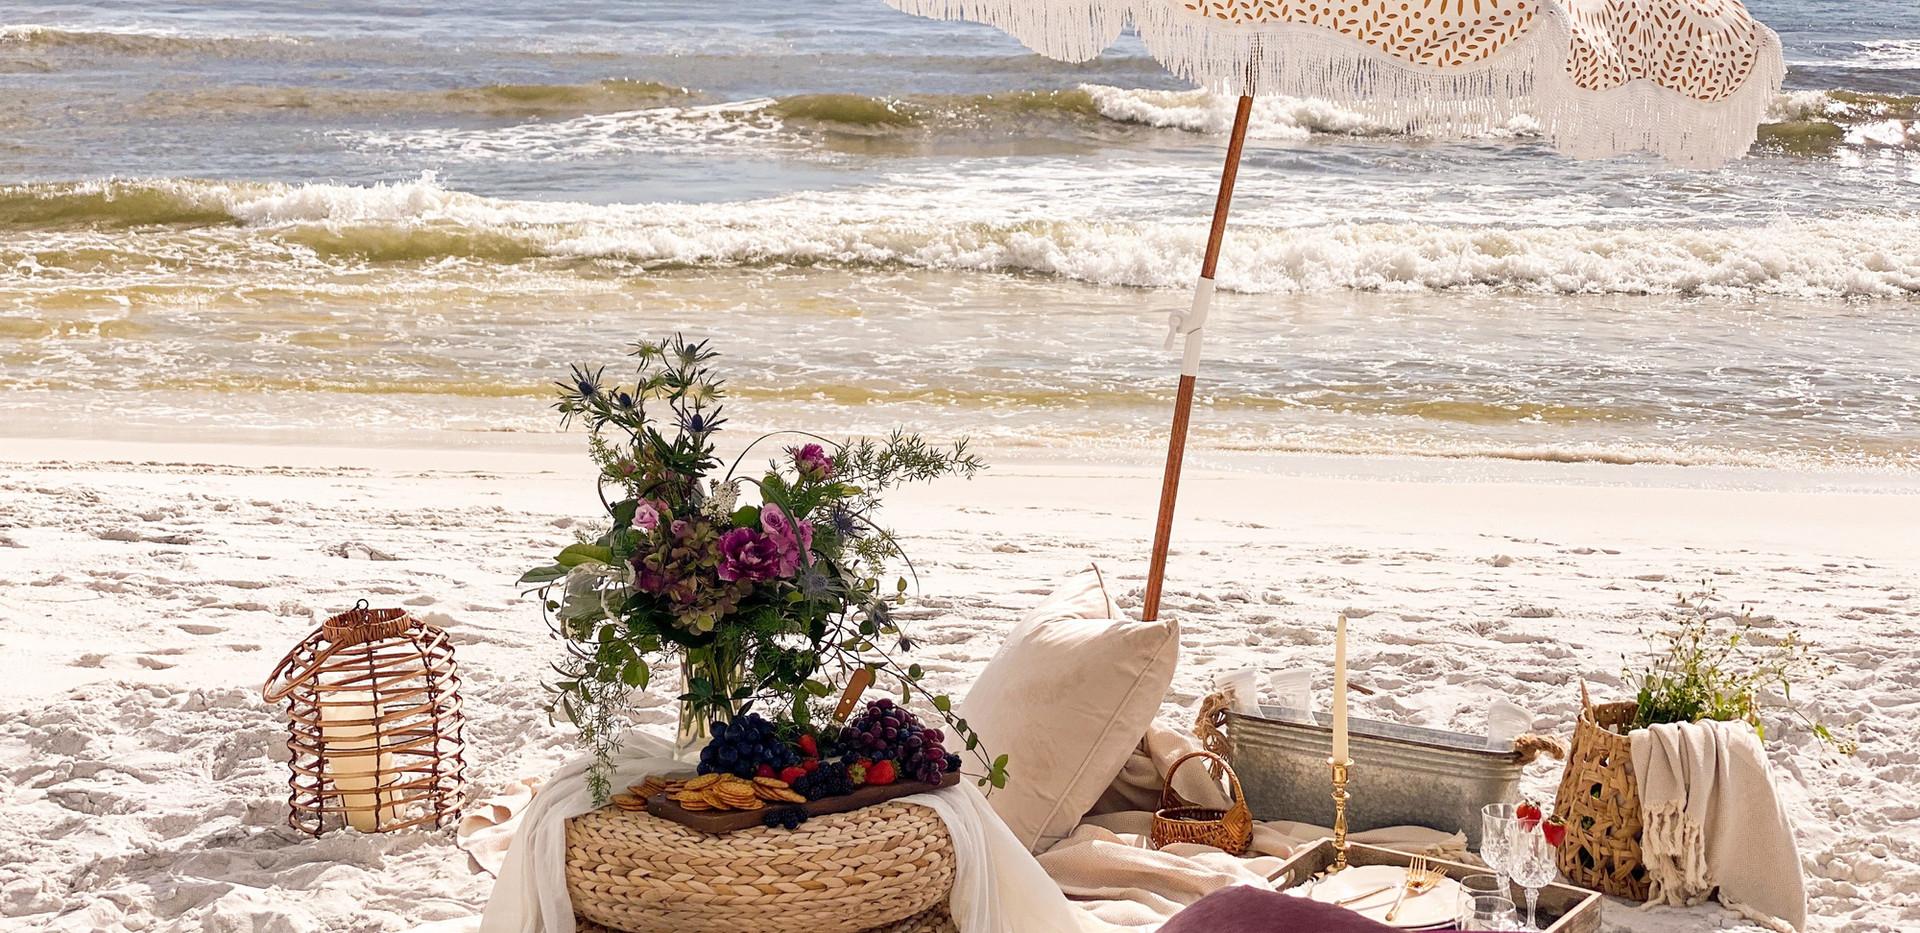 BEACH SOIREE PICNIC